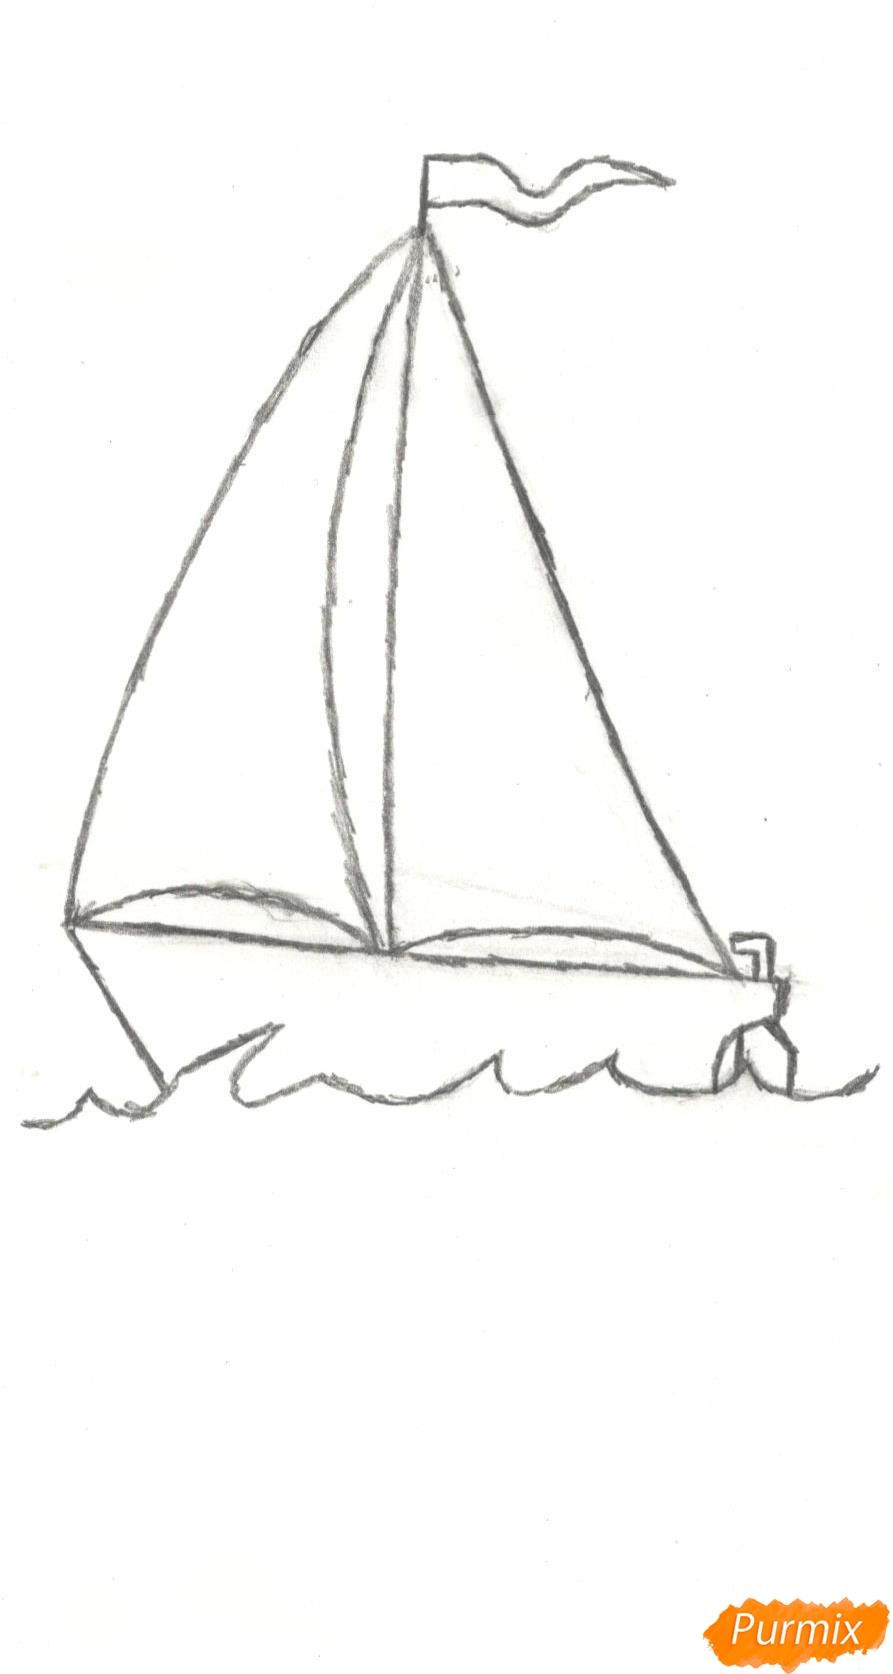 Рисуем кораблик (детский урок) - фото 6